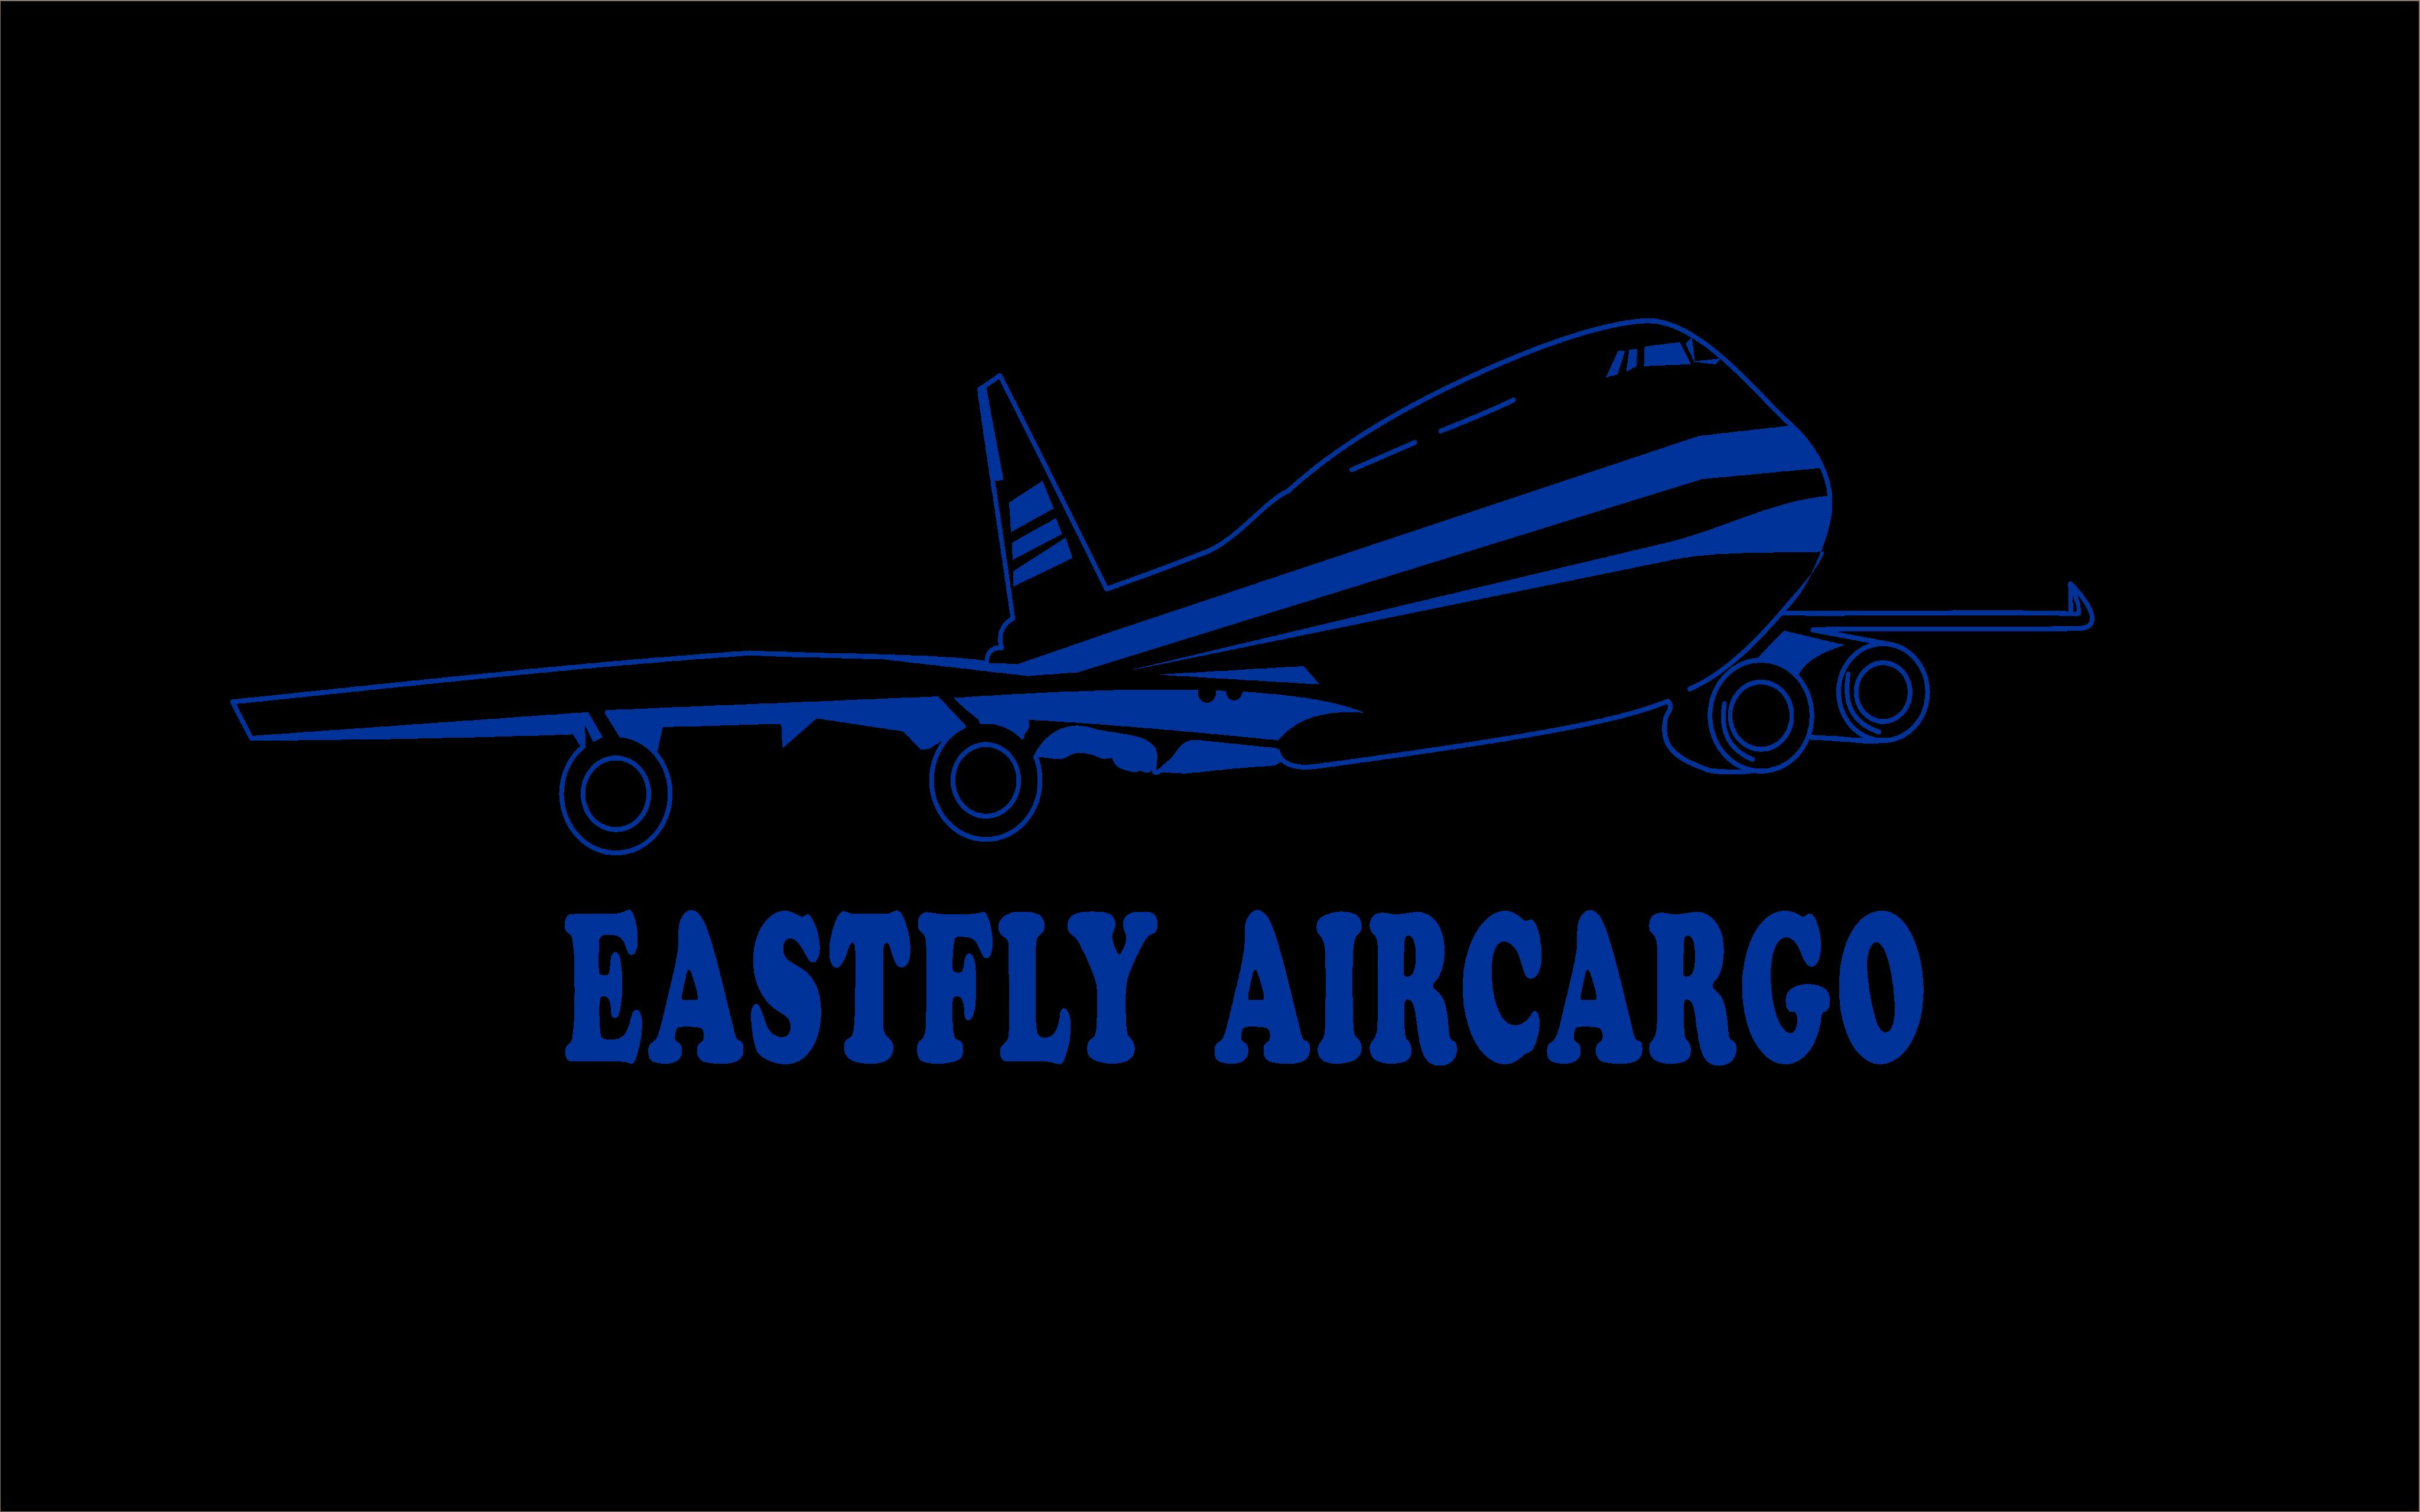 无锡空运公司,苏州空运公司,无锡到青岛空运公司,苏州到青岛空运公司